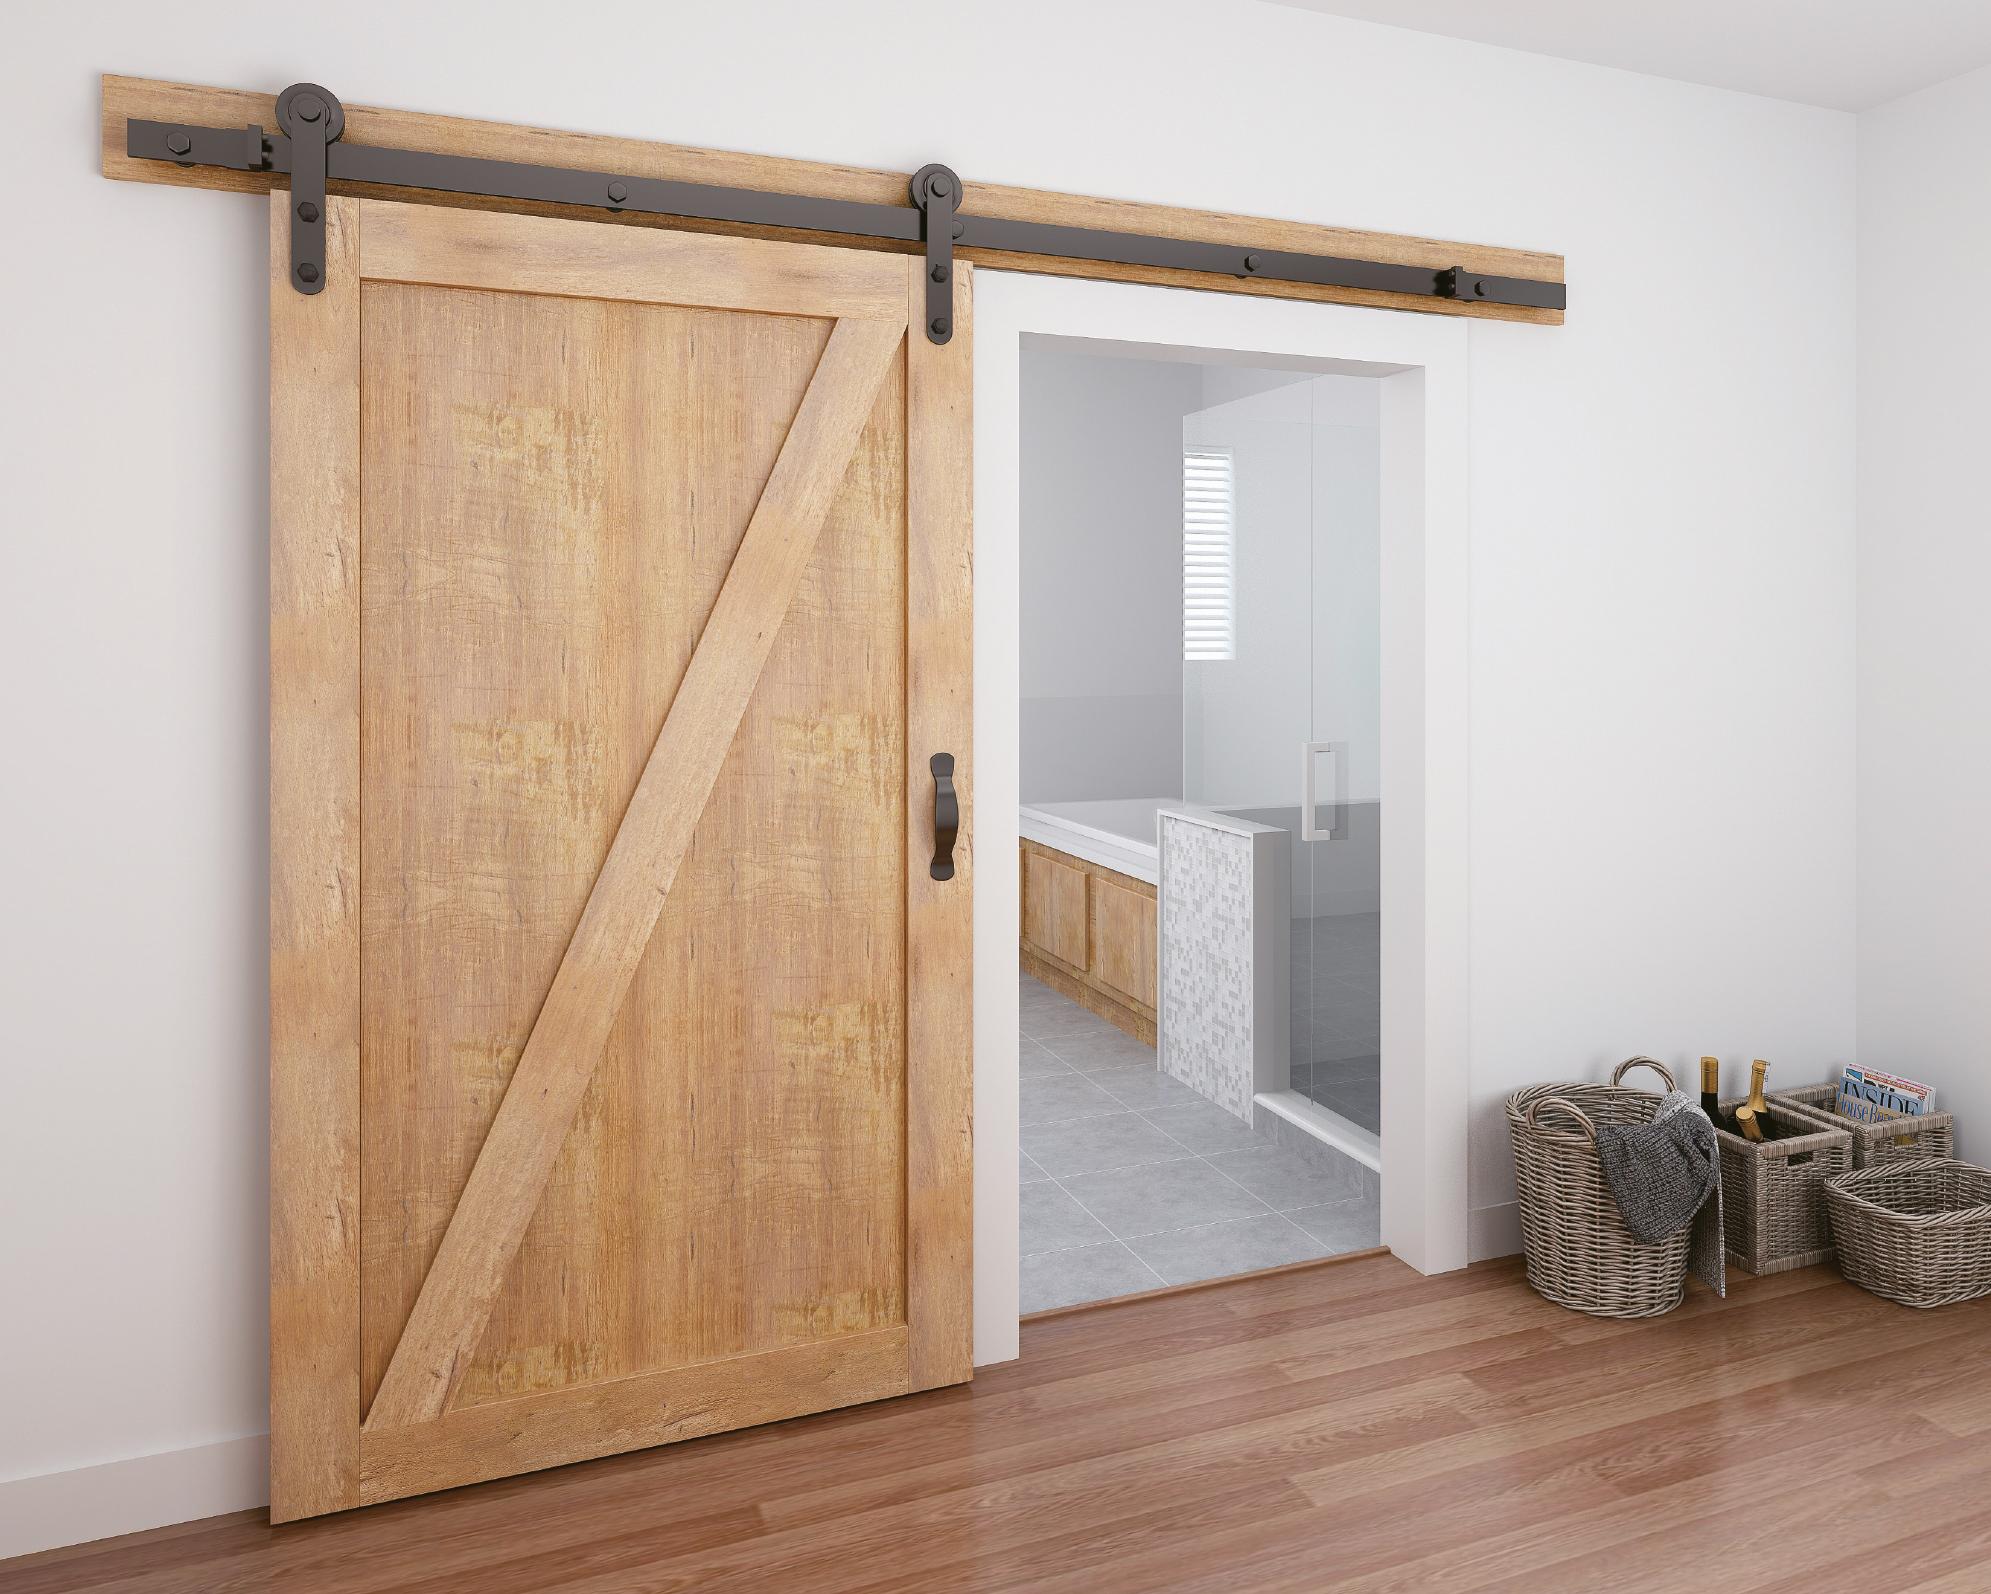 Schuifdeursysteem op houten deur